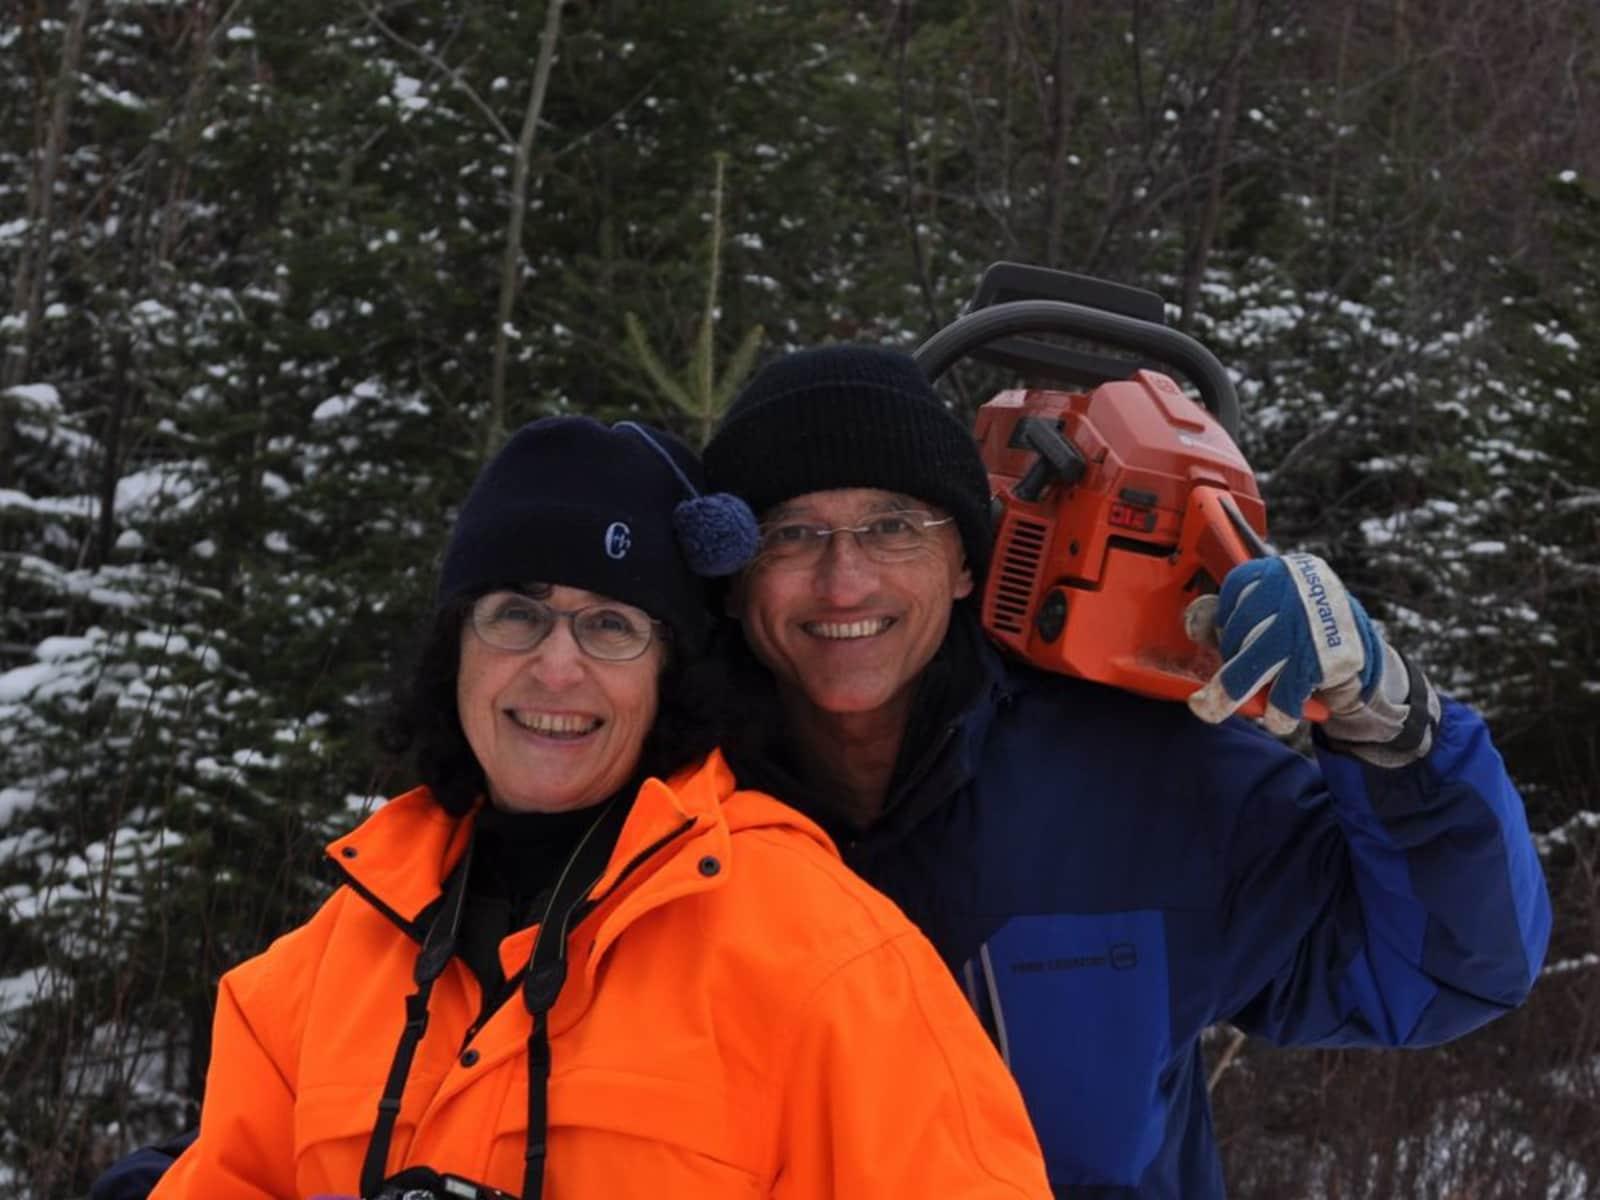 Pierre & Madeleine from Murten, Switzerland